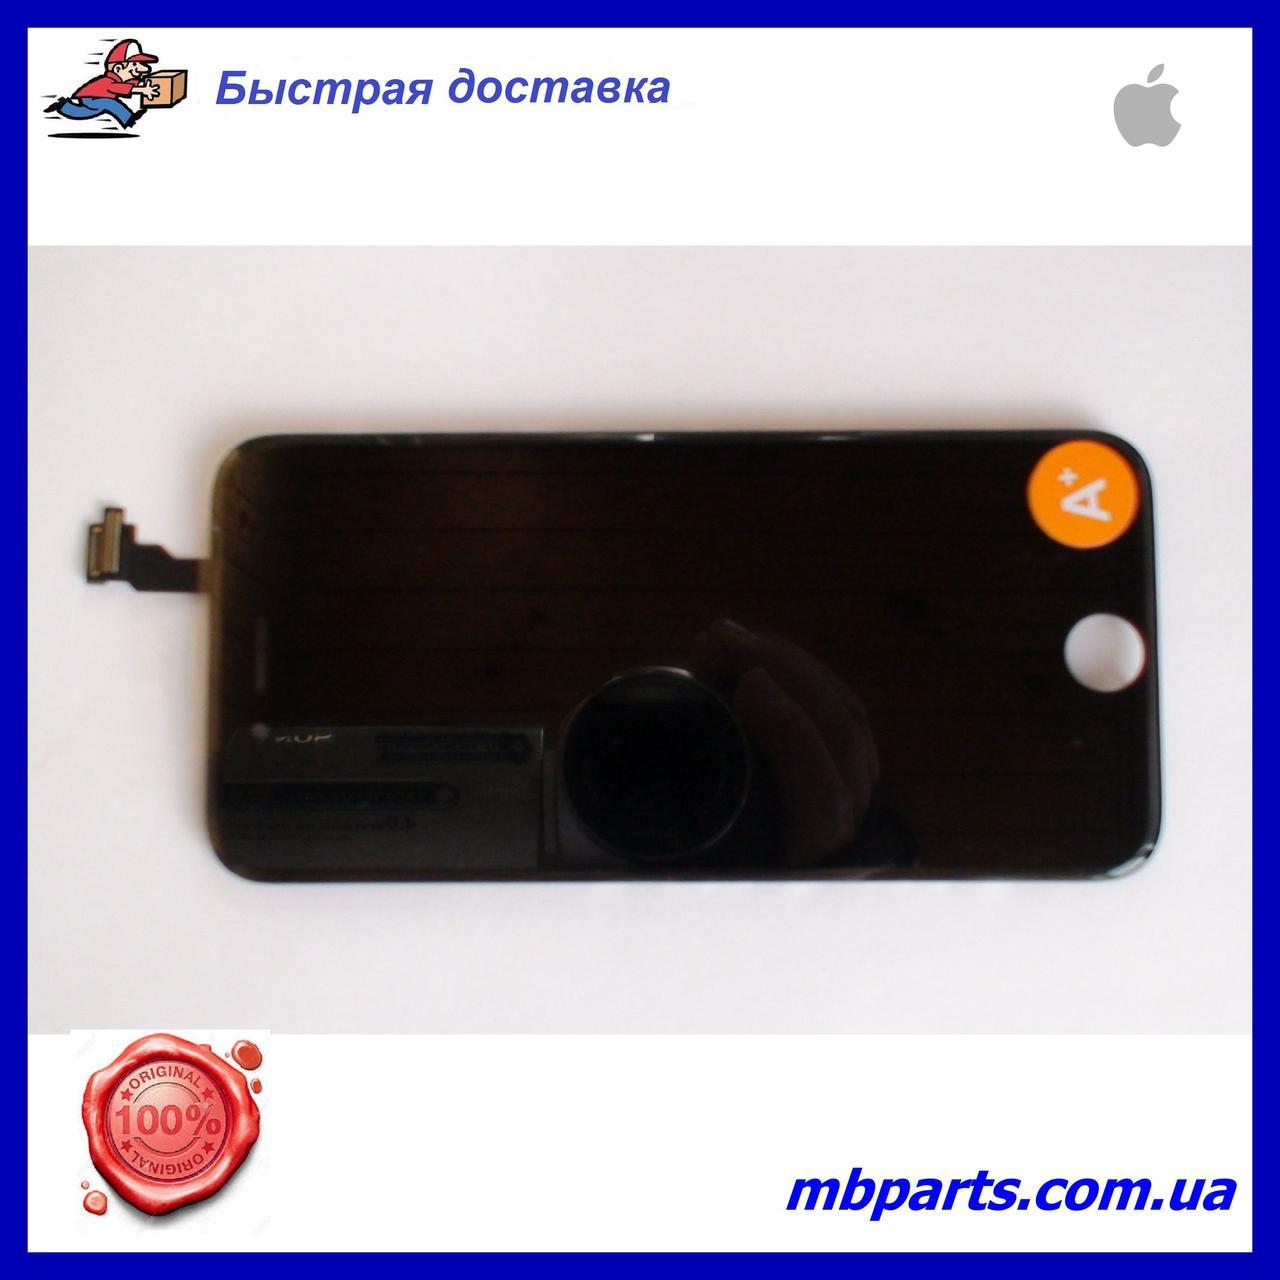 """Дисплей iPhone 6 (4.7"""") Black, оригінал з рамкою (відновлене скло)"""